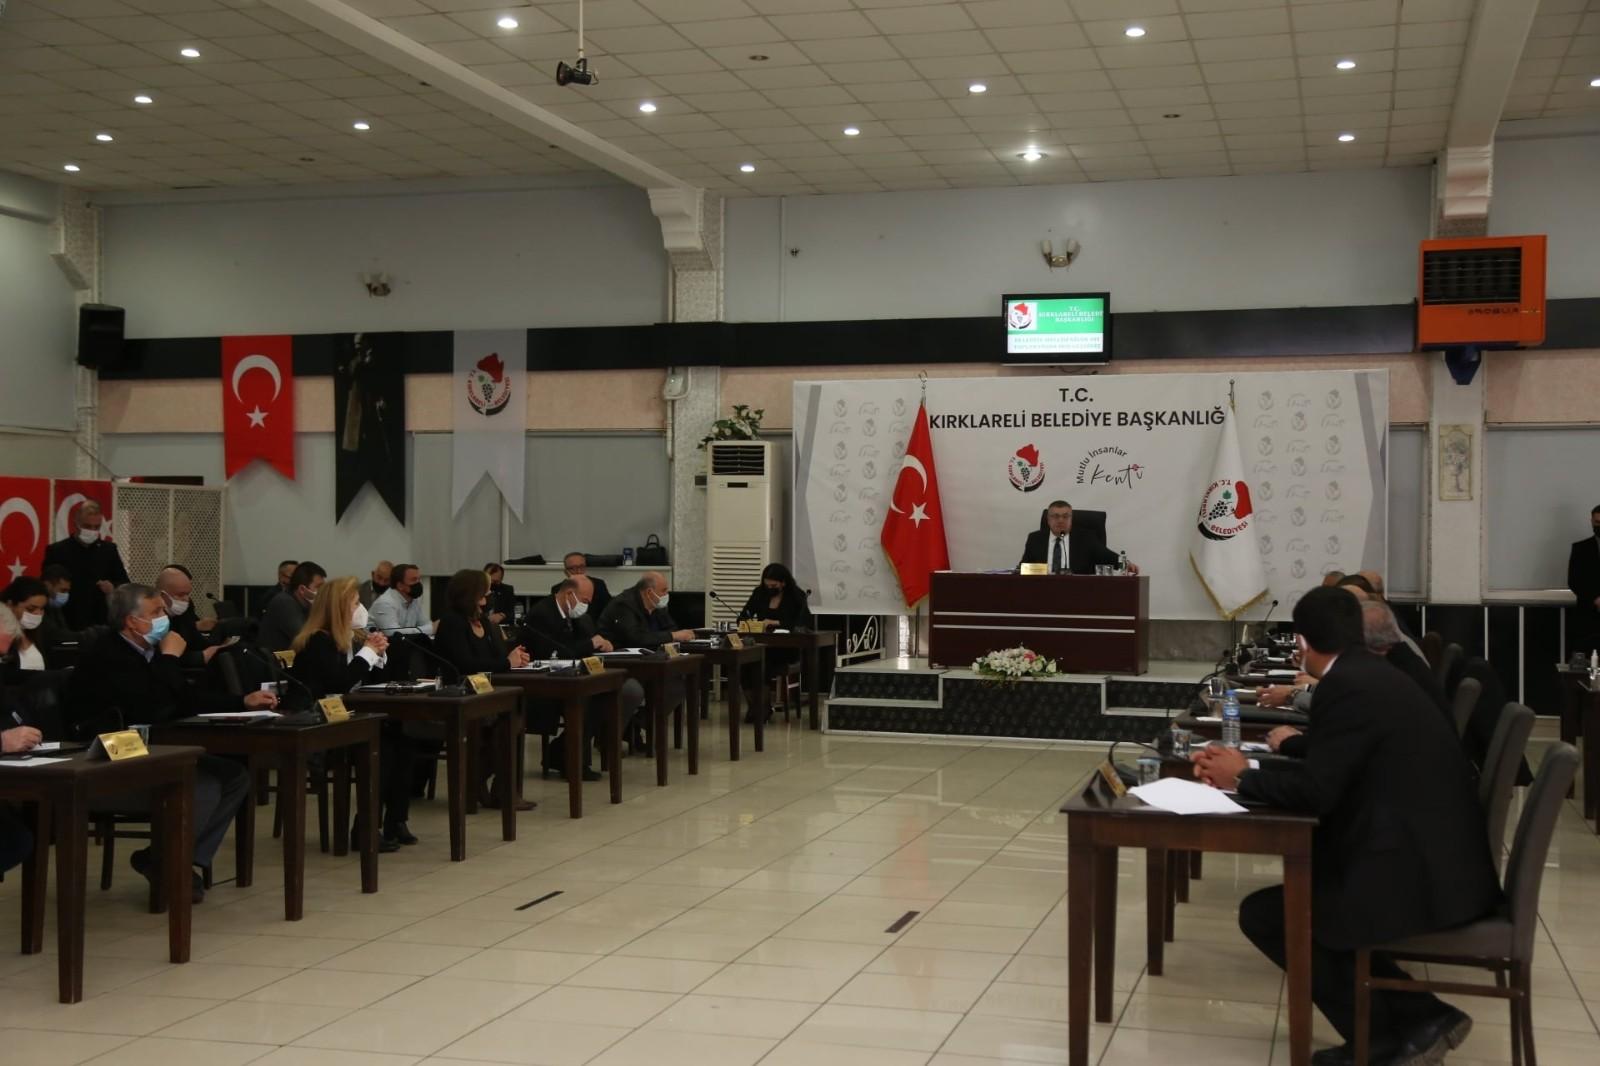 Kırklareli Belediyesi Meclisi'nden Filistin için adalet ve insan hakları çağrısı